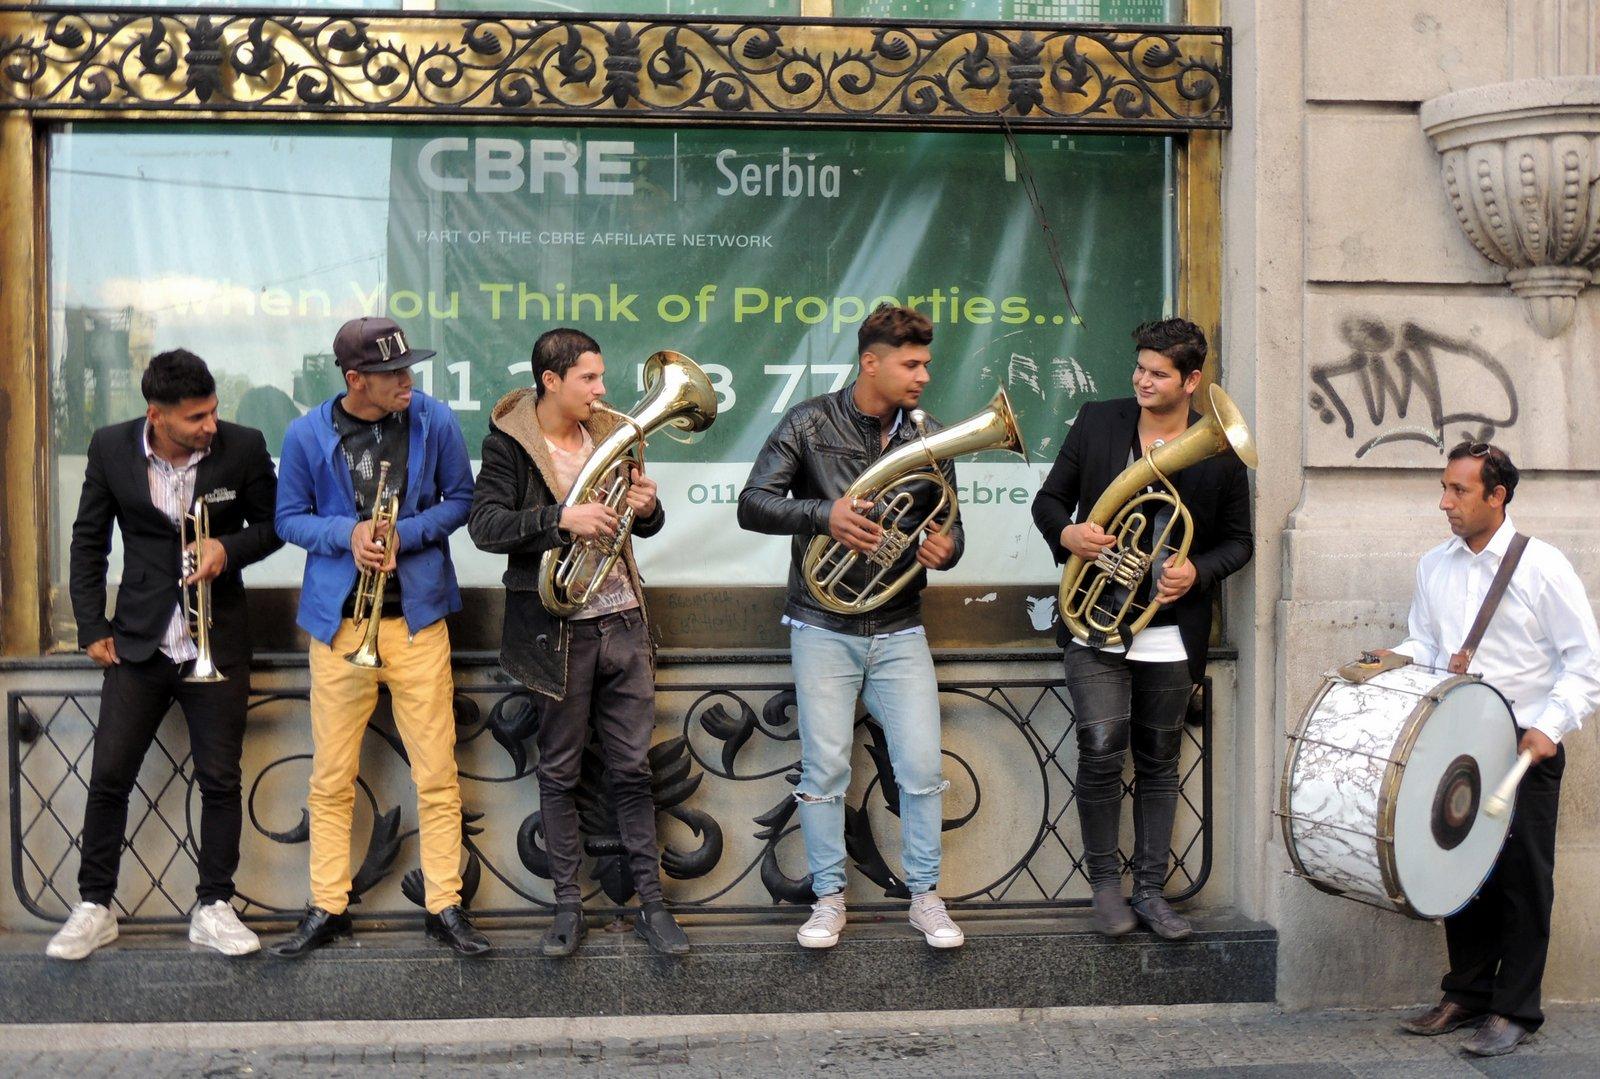 Zigeunerband in der Fußgängerzone Knez Michailova